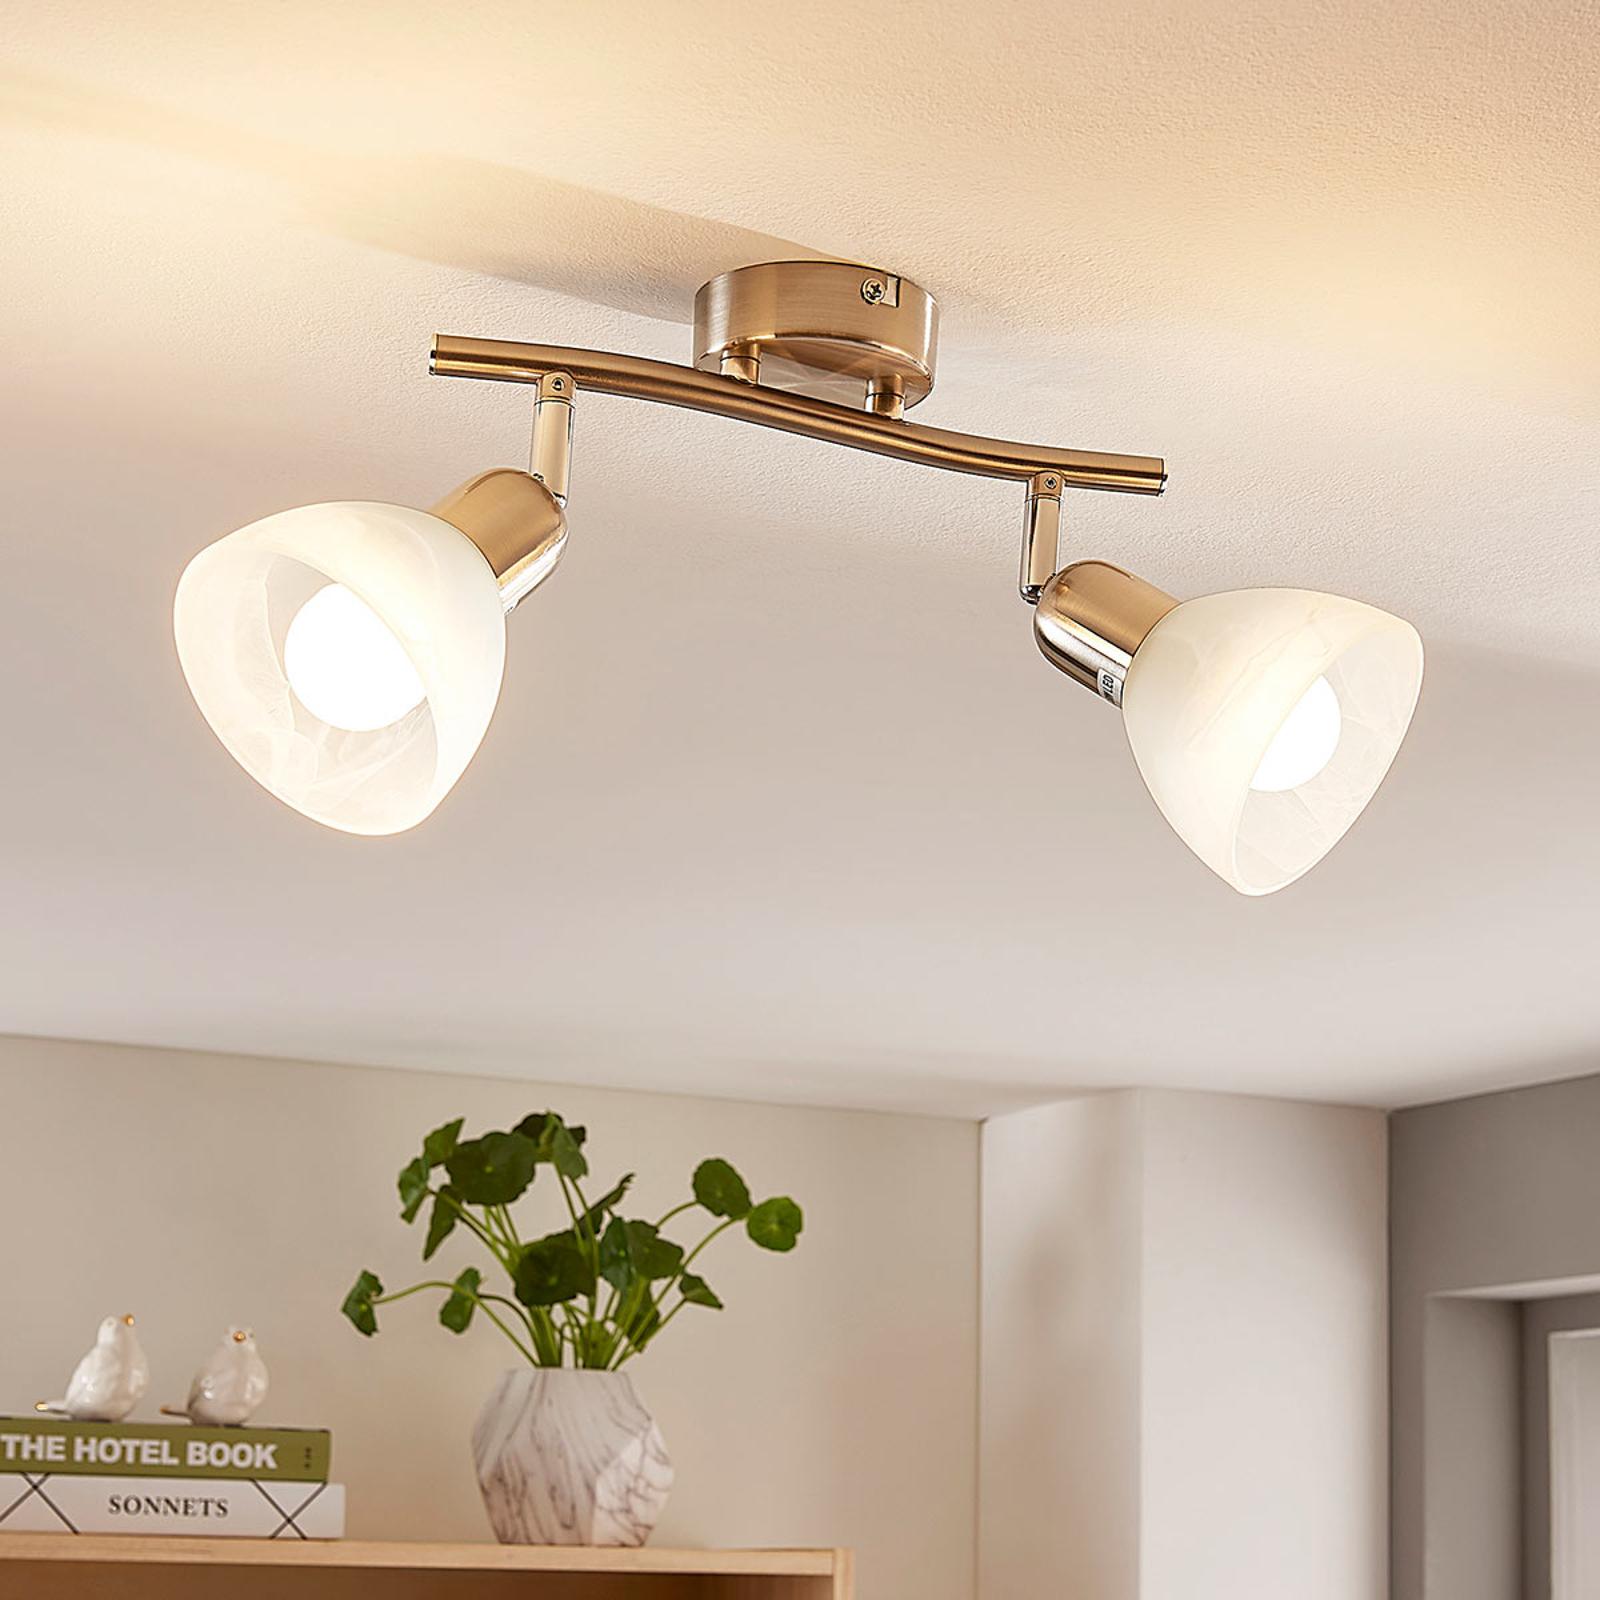 LED-taklampe Paulina med 2 lys, nikkelfarget